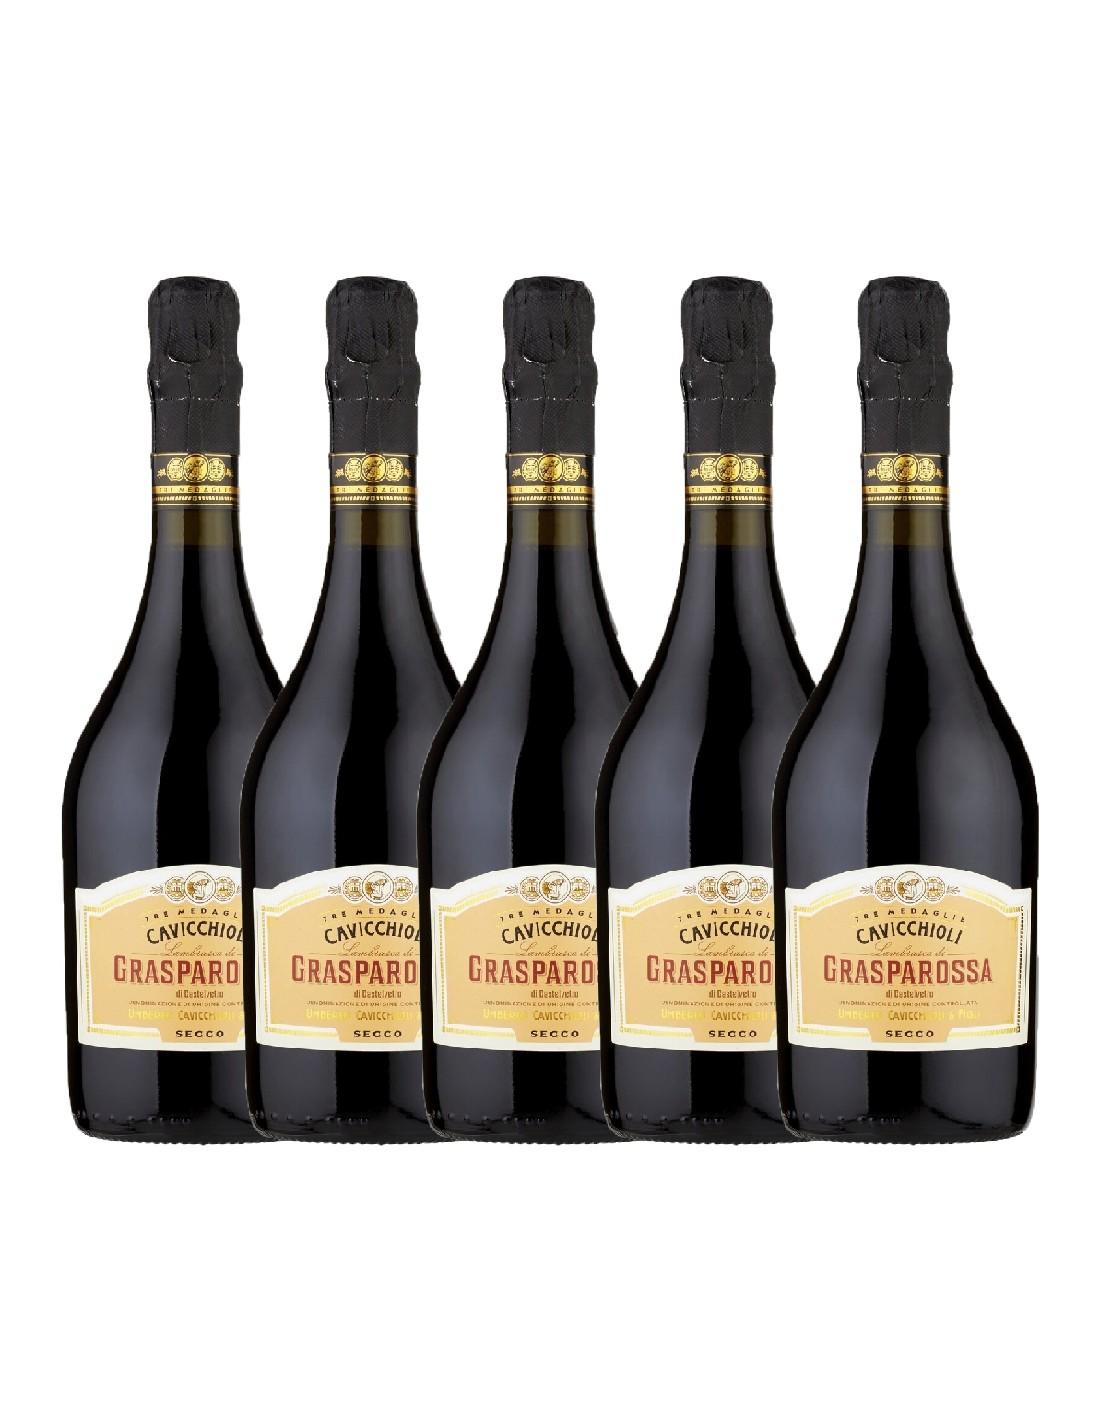 Pachet 5 sticle Vin frizzante Cavicchioli Grasparossa Secco, 11% alc., 0.75L, Italia